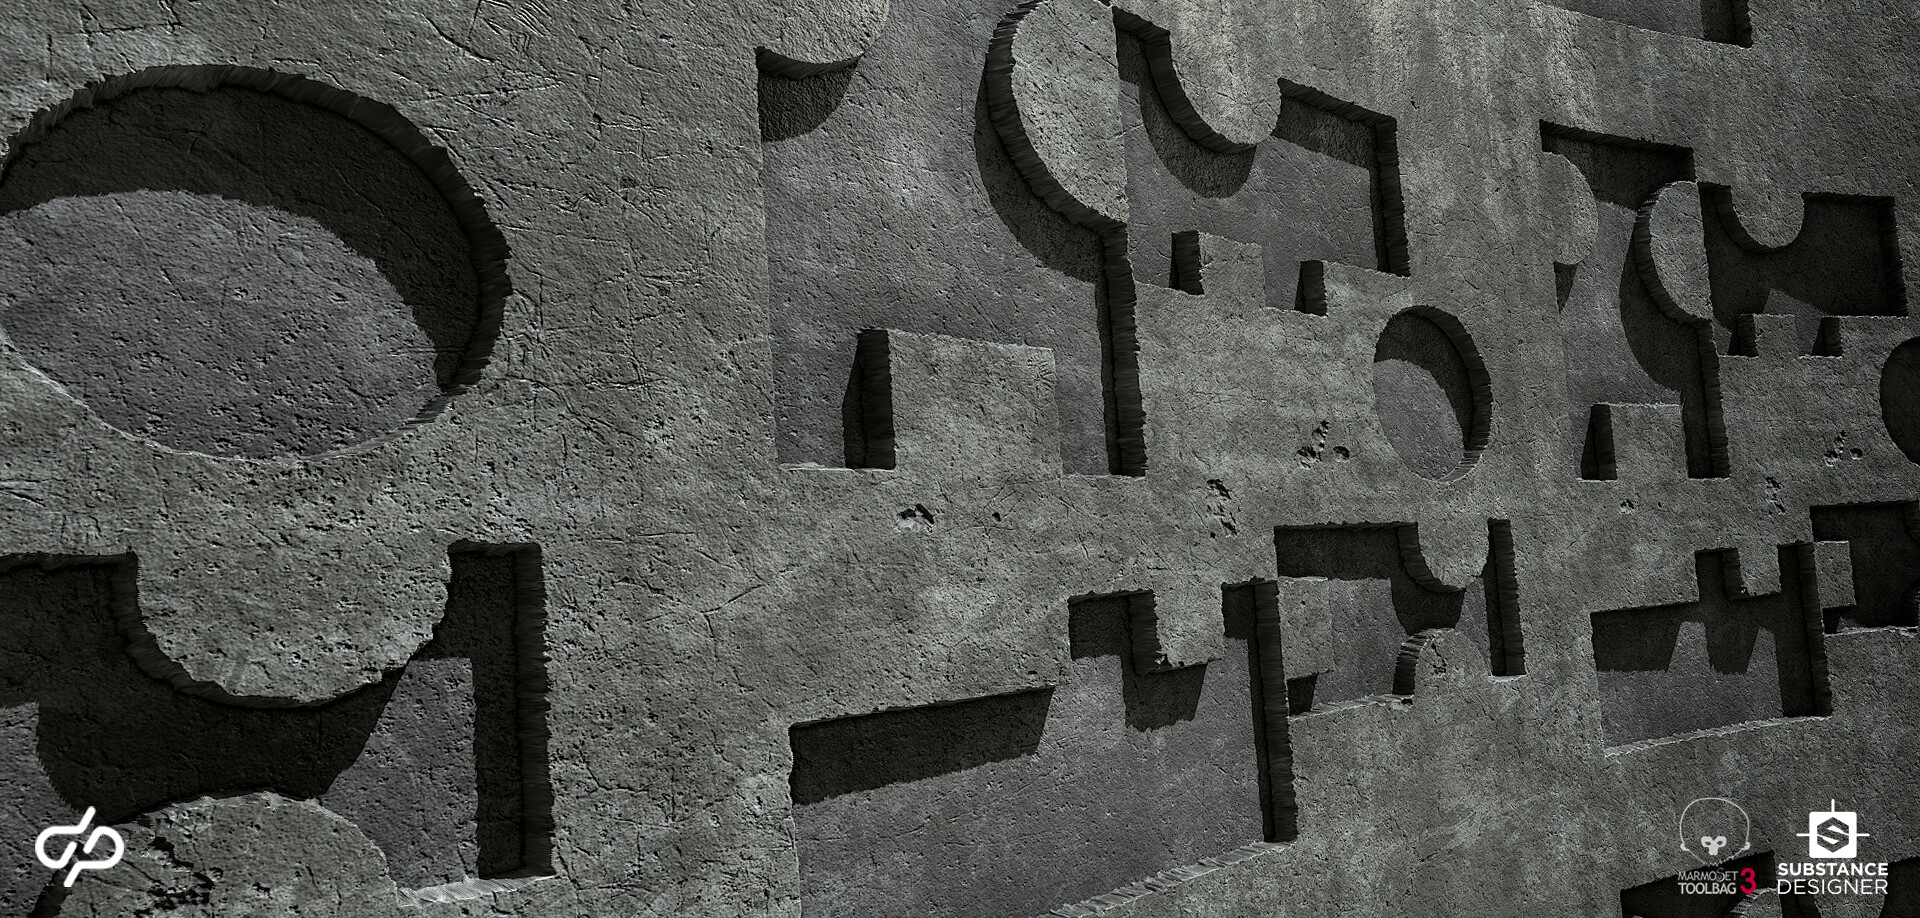 14/30 - Brutalism